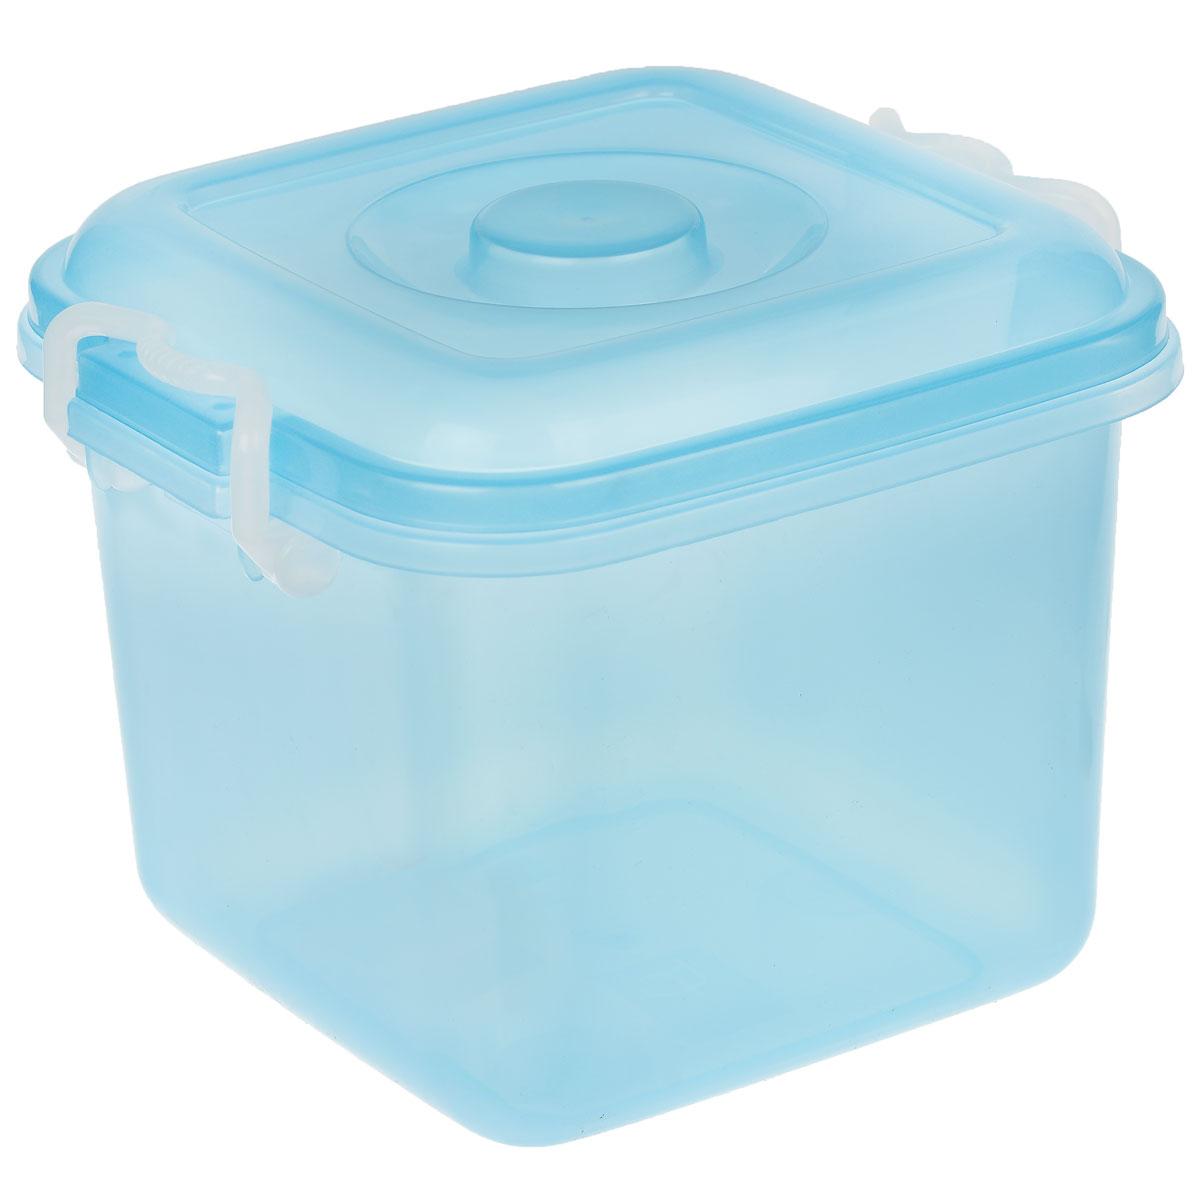 Контейнер для хранения Idea Океаник, цвет: голубой, 8 лМ 2856Контейнер Idea Океаник выполнен из пищевого пластика, предназначен для хранения различных вещей. Контейнер снабжен эргономичной плотно закрывающейся крышкой со специальными боковыми фиксаторами.